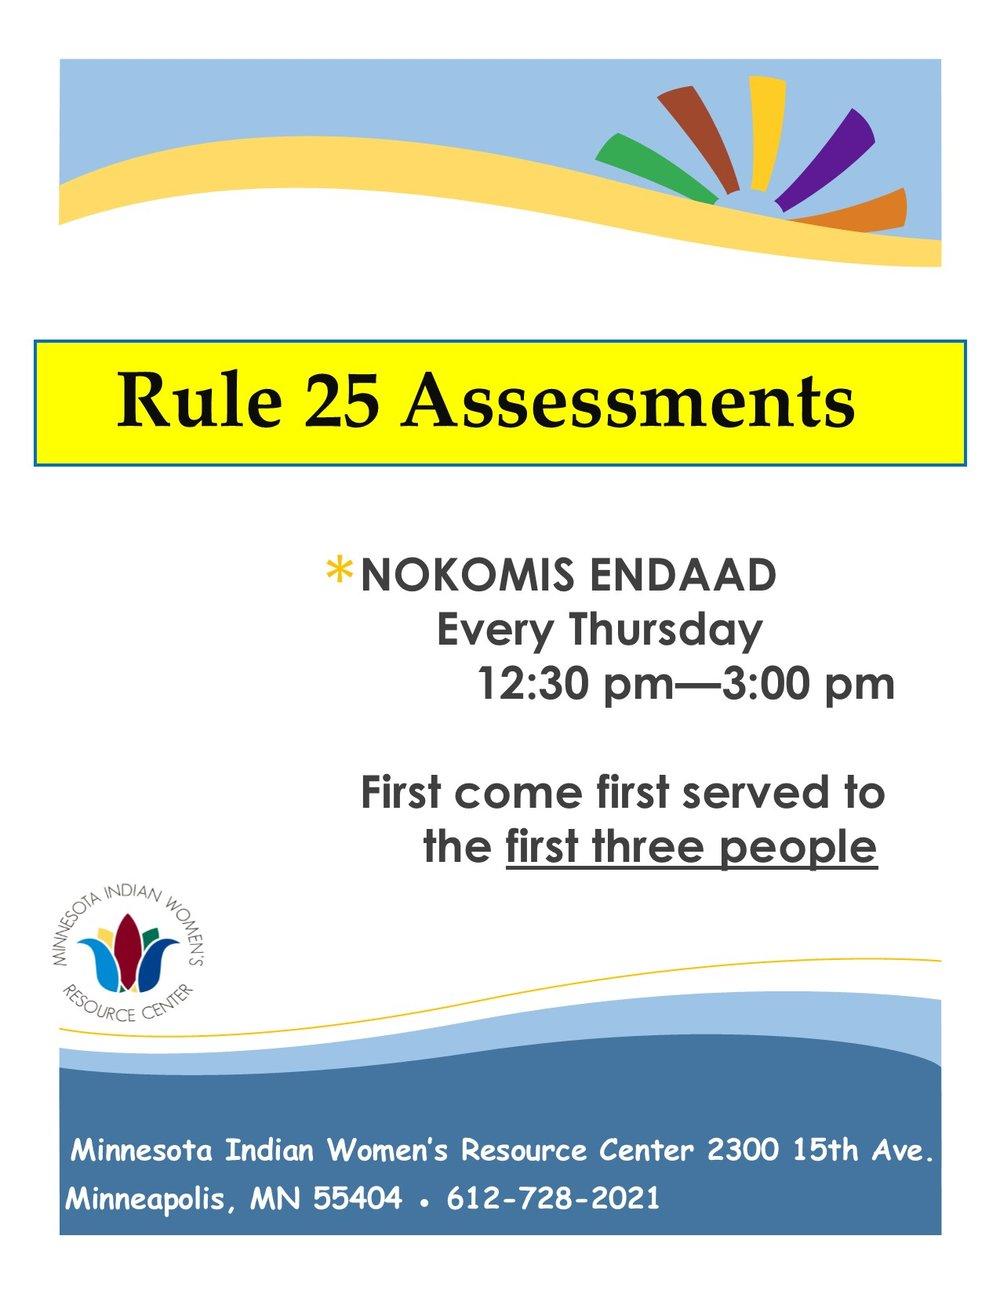 Rule 25 assessments flyer.jpg